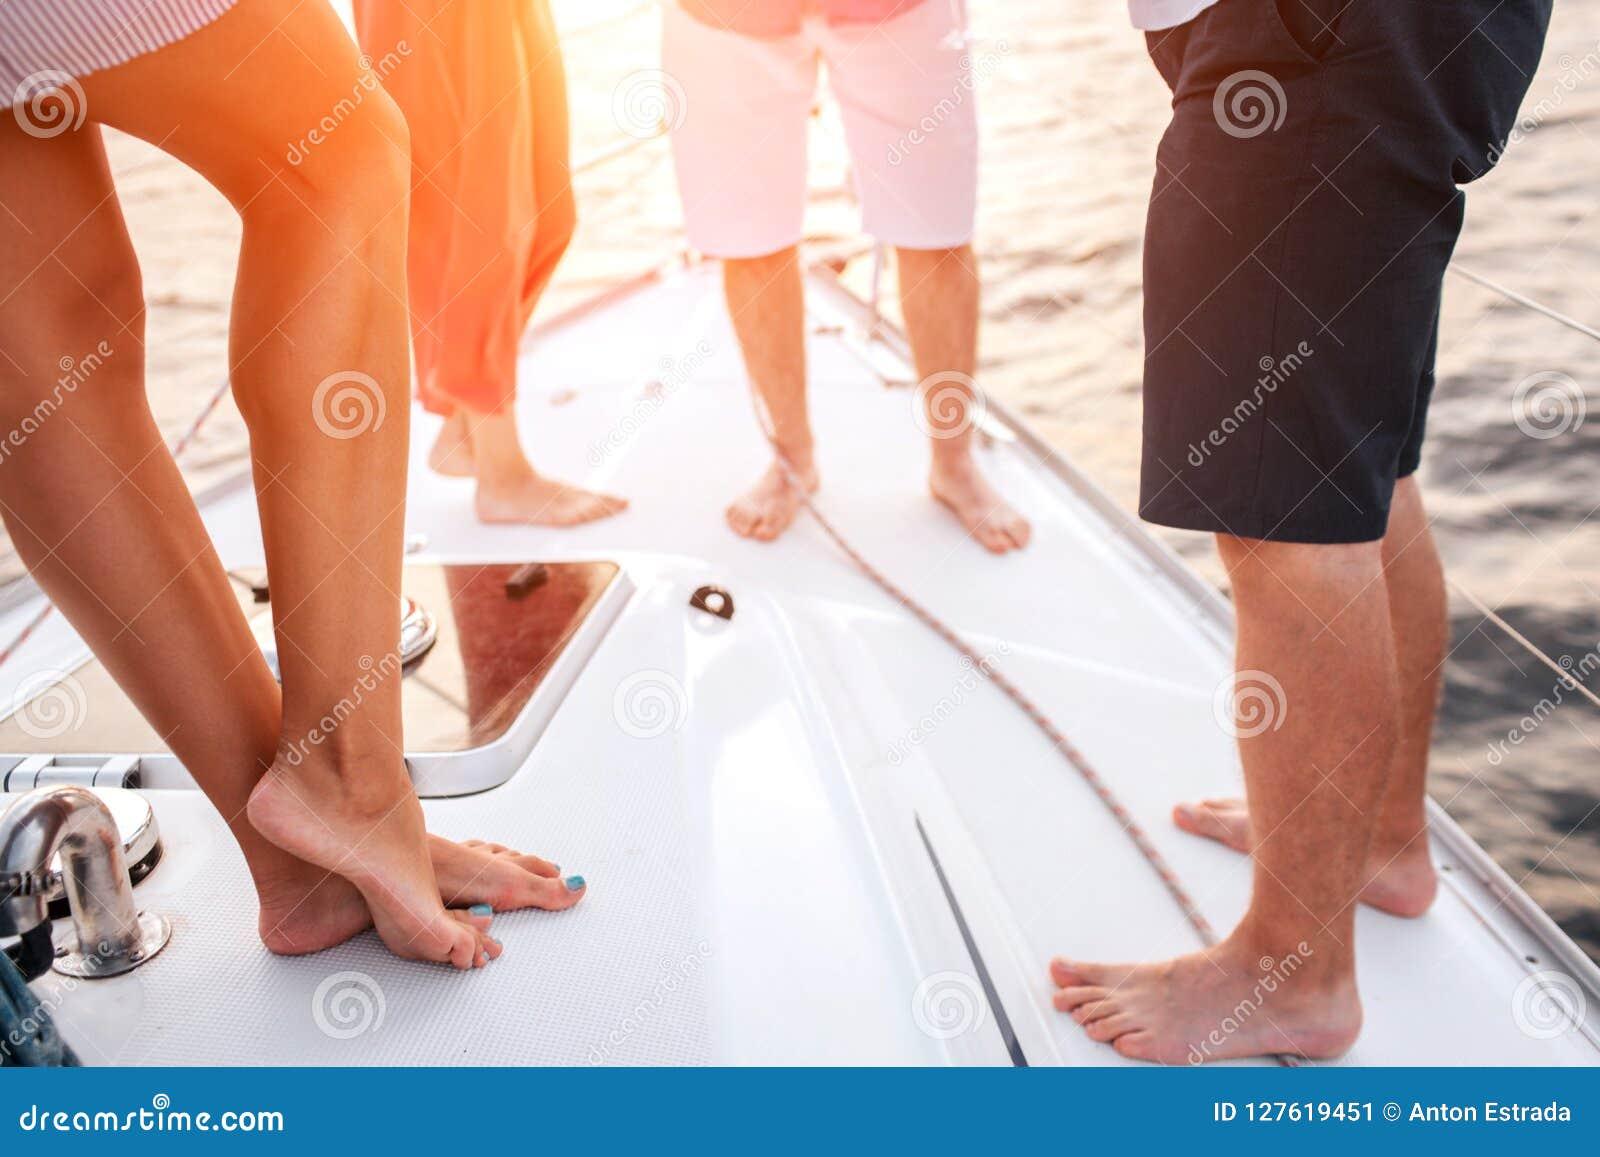 削减人腿看法  两个男人和两名妇女在彼此前面站立 他们一起花费时间